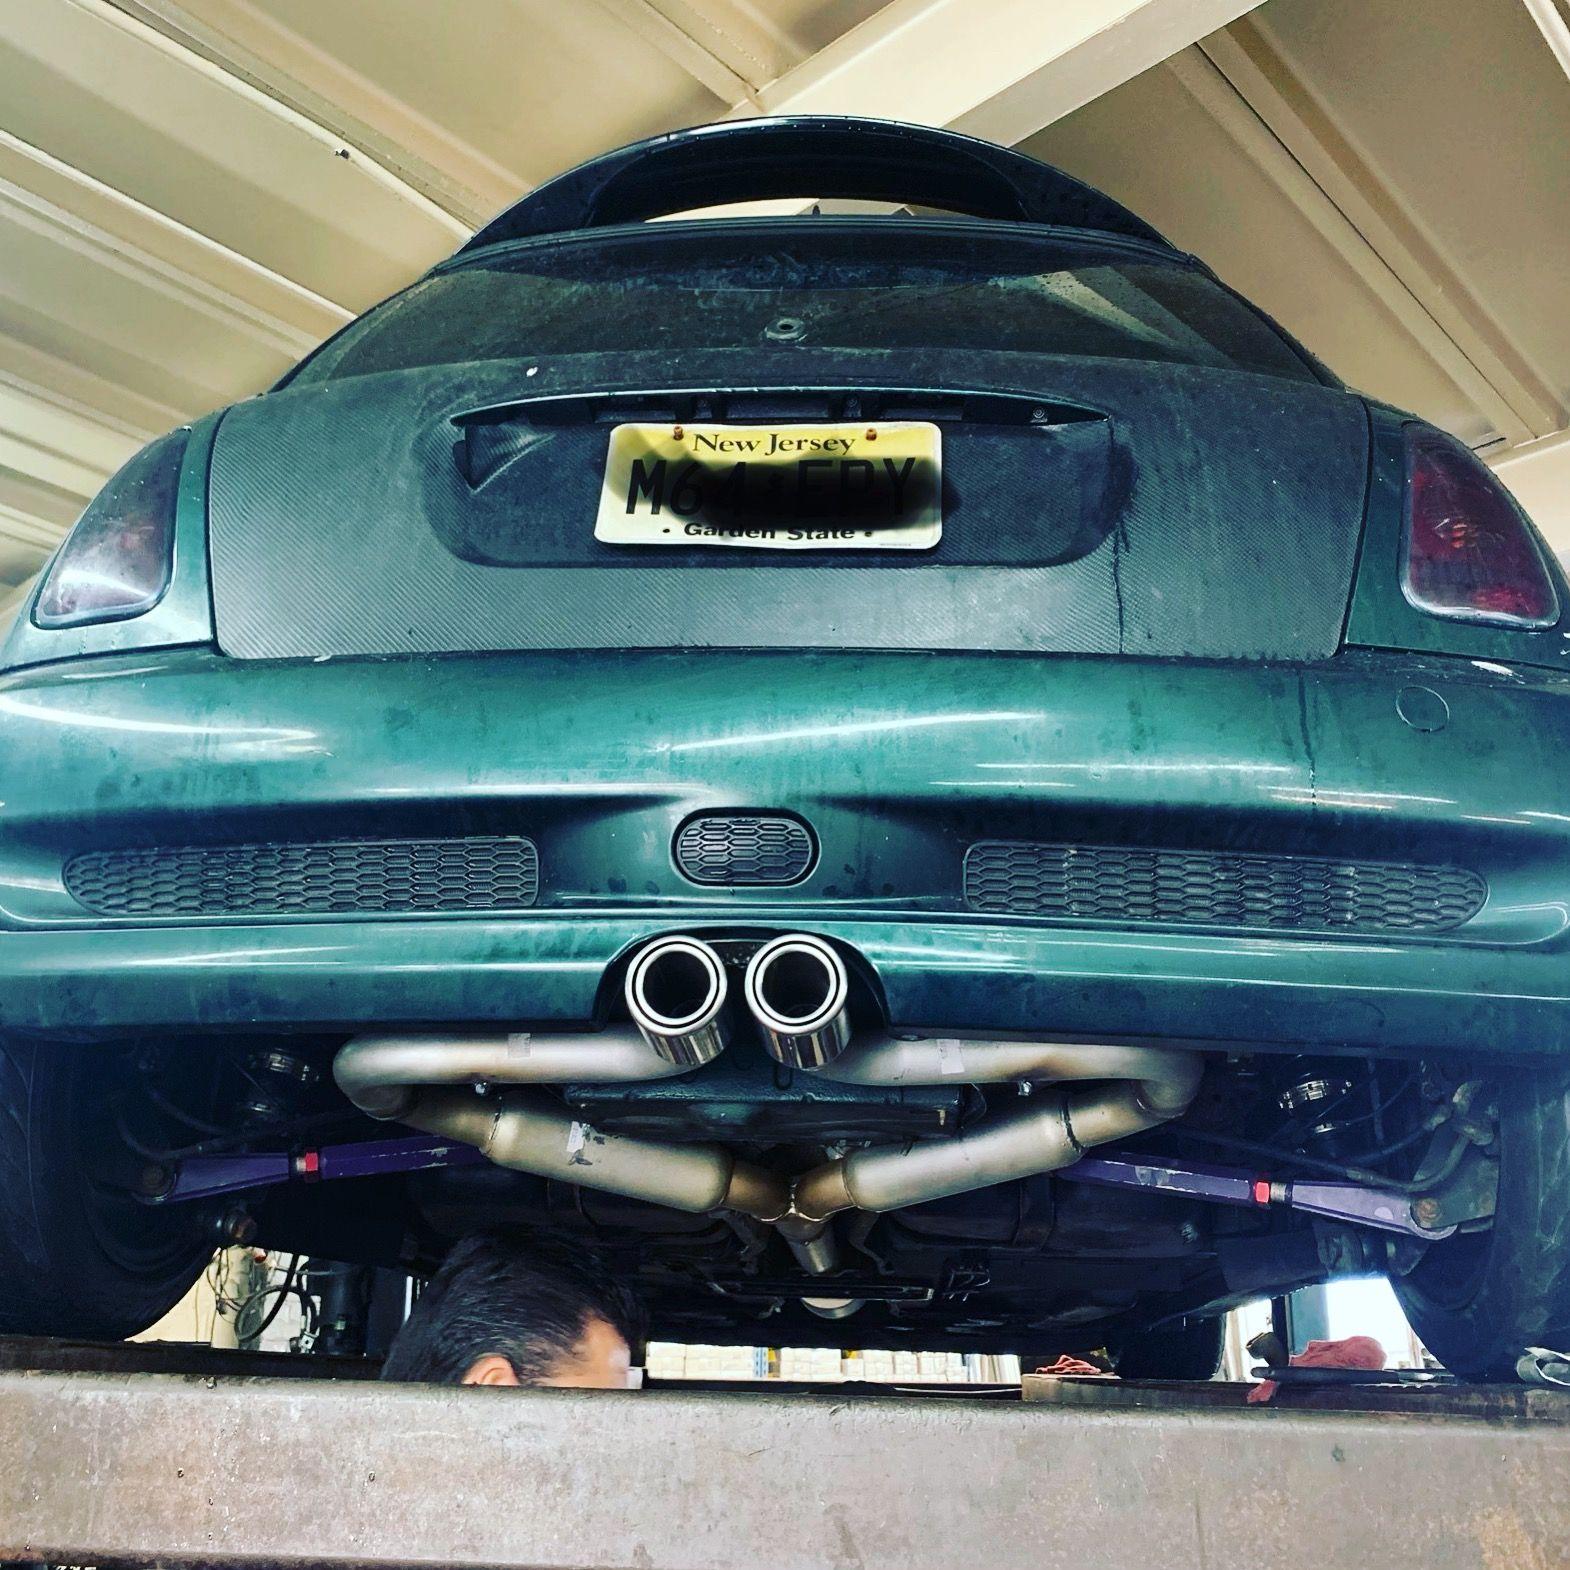 Mini Cooper R53 Pacesetter Exhaust Mini Cooper Mini Cooper S Toy Car